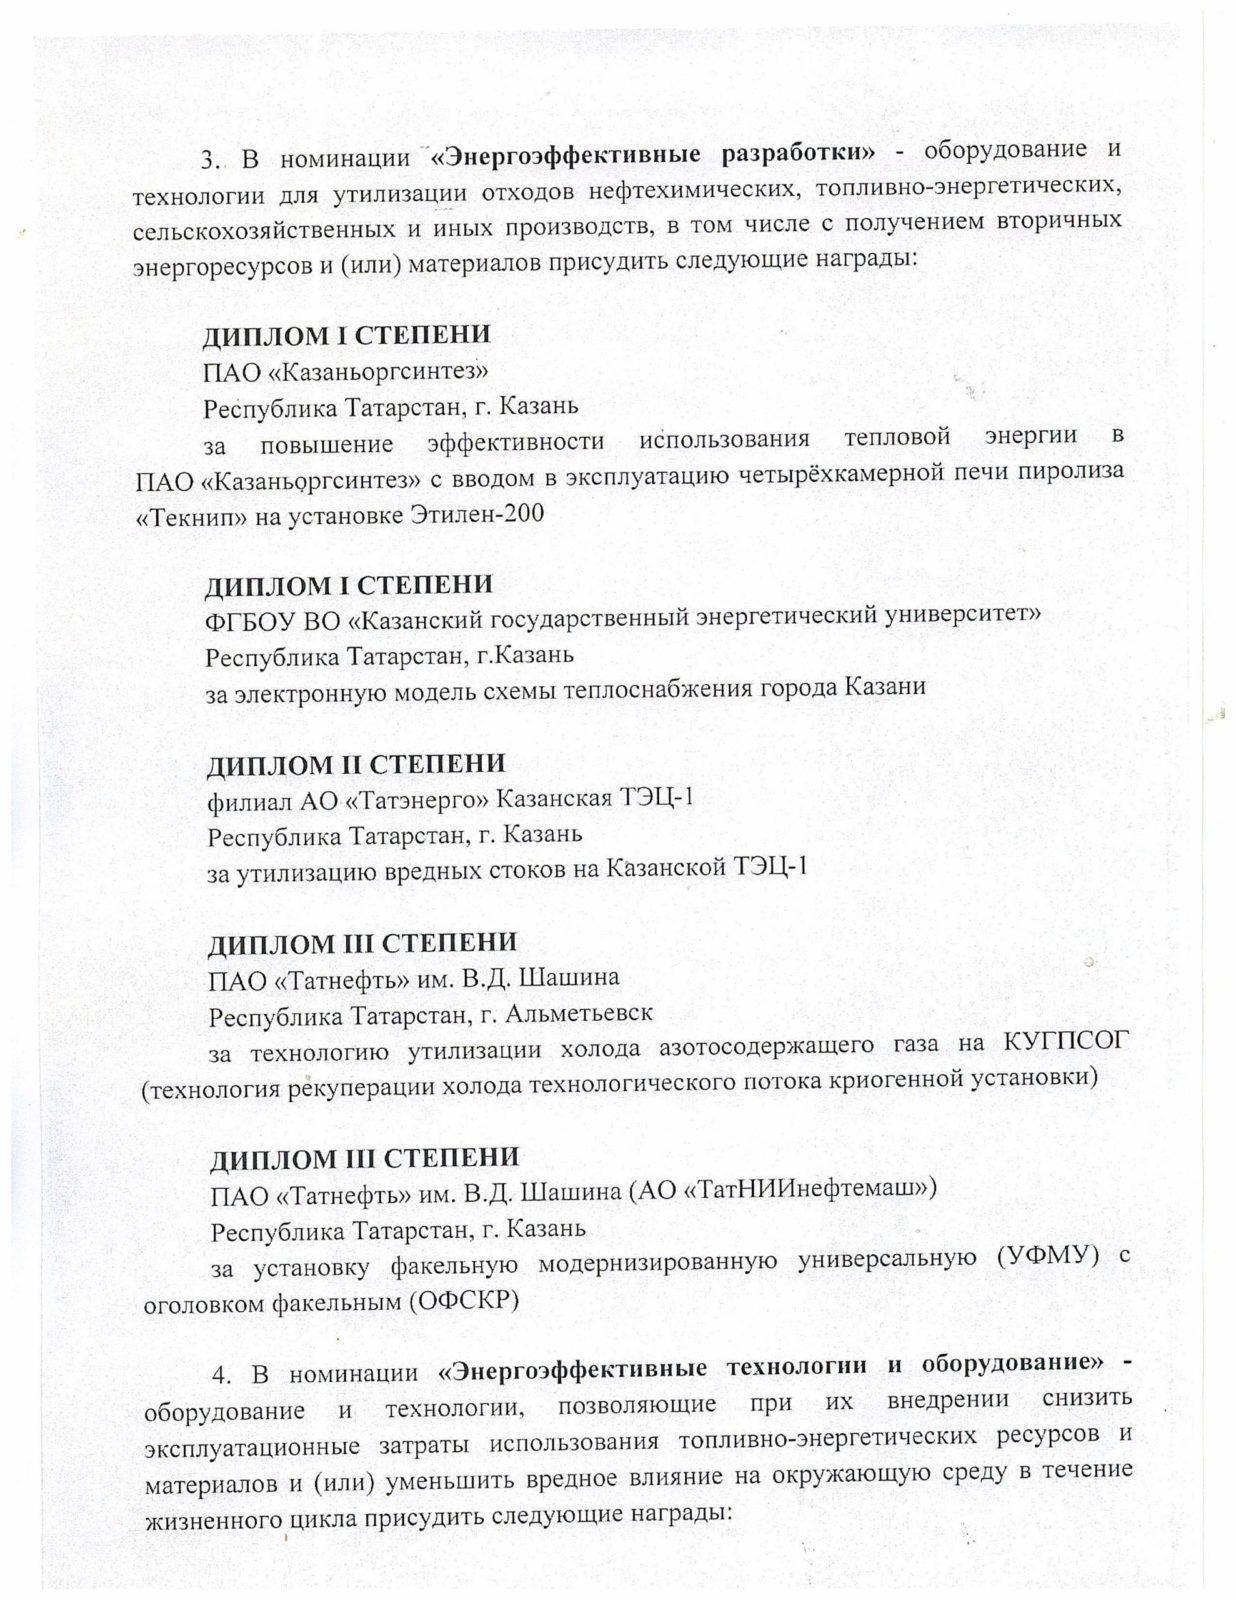 """РосЭлектромонтаж в номинации """"энергоэффективные технологии и оборудование"""" завоевала диплом 3"""